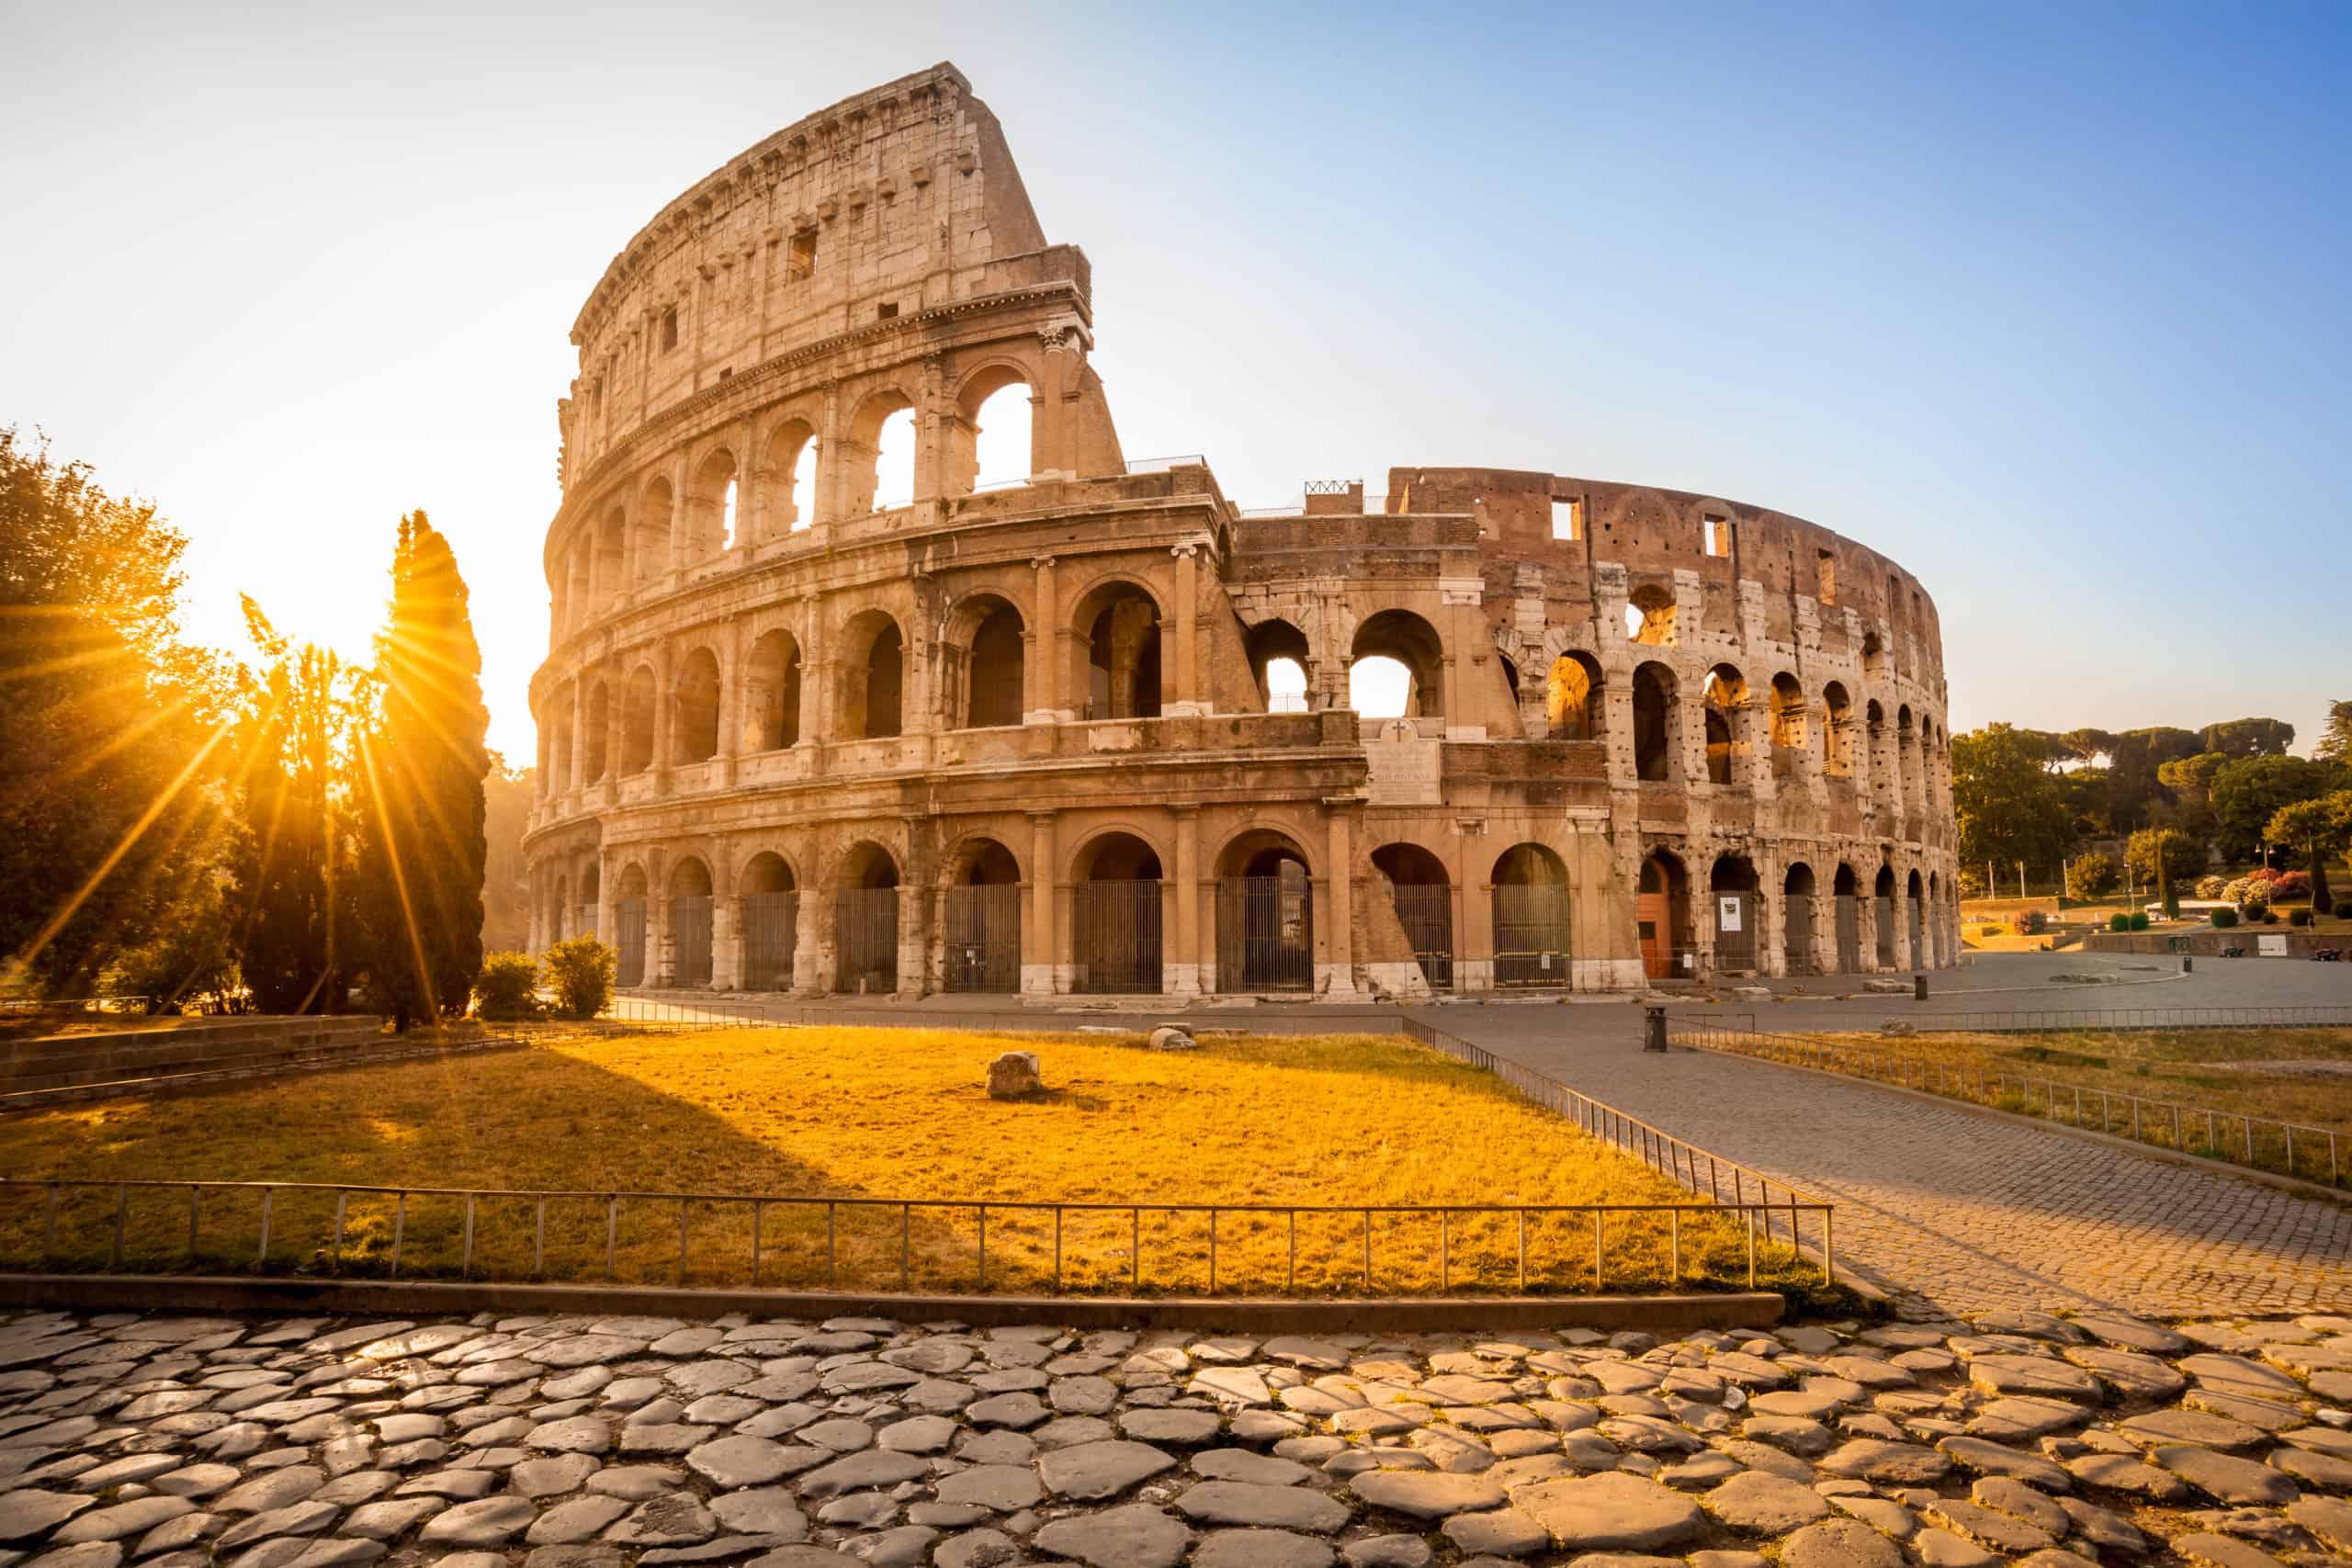 Das Kolosseum in Rom.